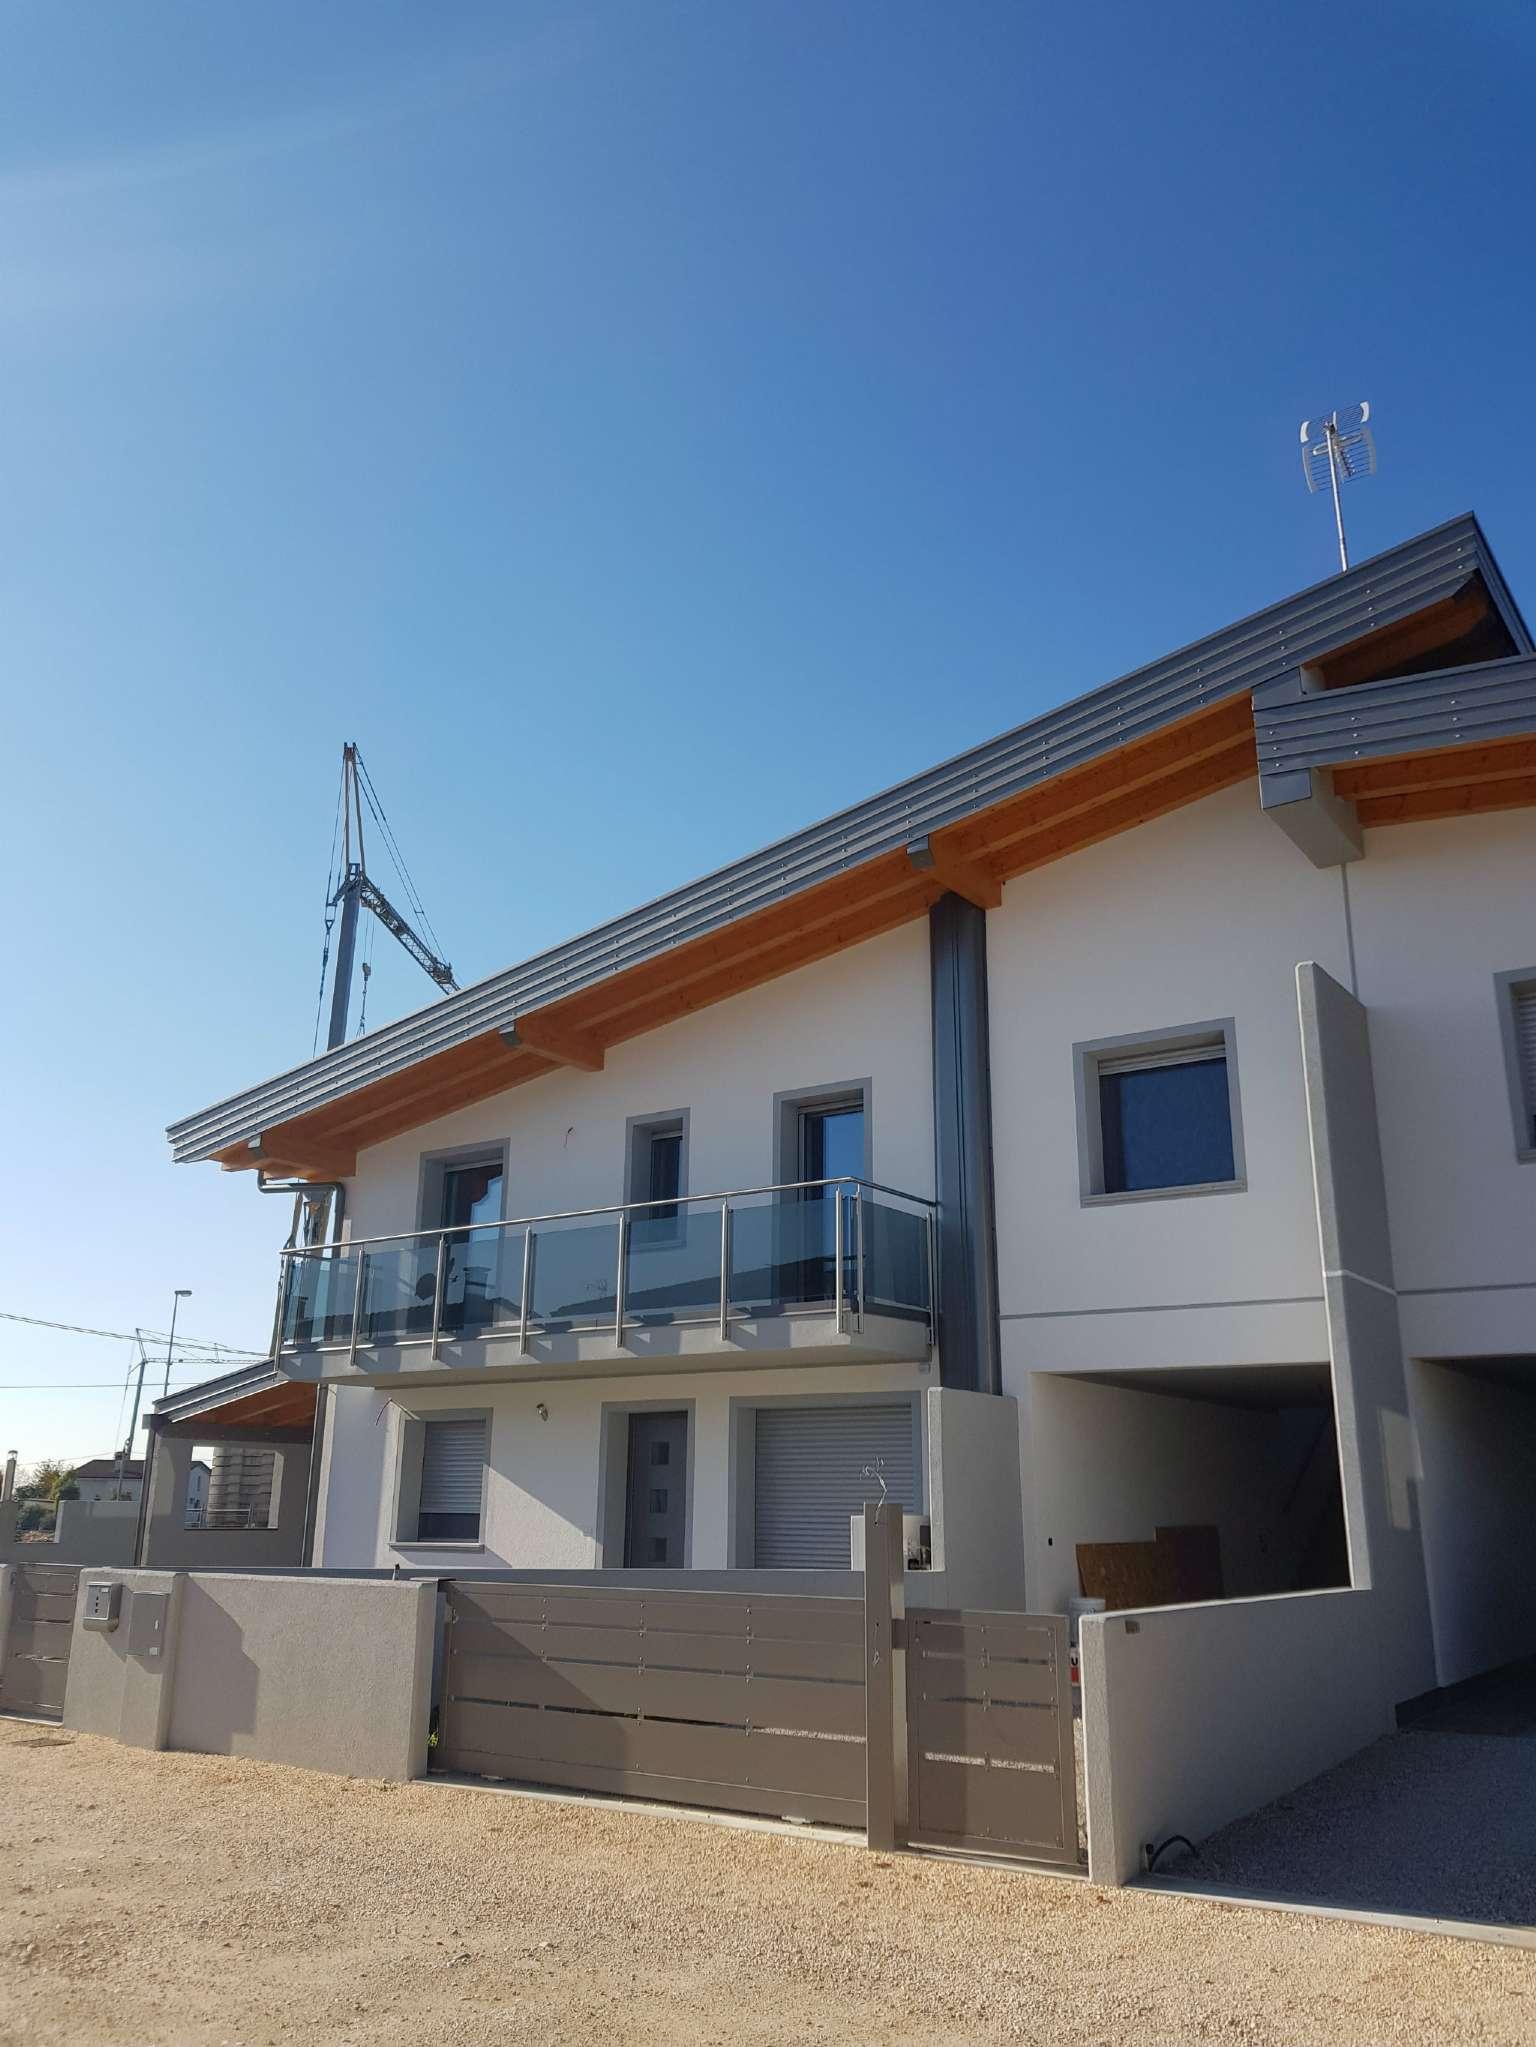 Appartamento in vendita a Premariacco, 3 locali, prezzo € 225.000 | CambioCasa.it